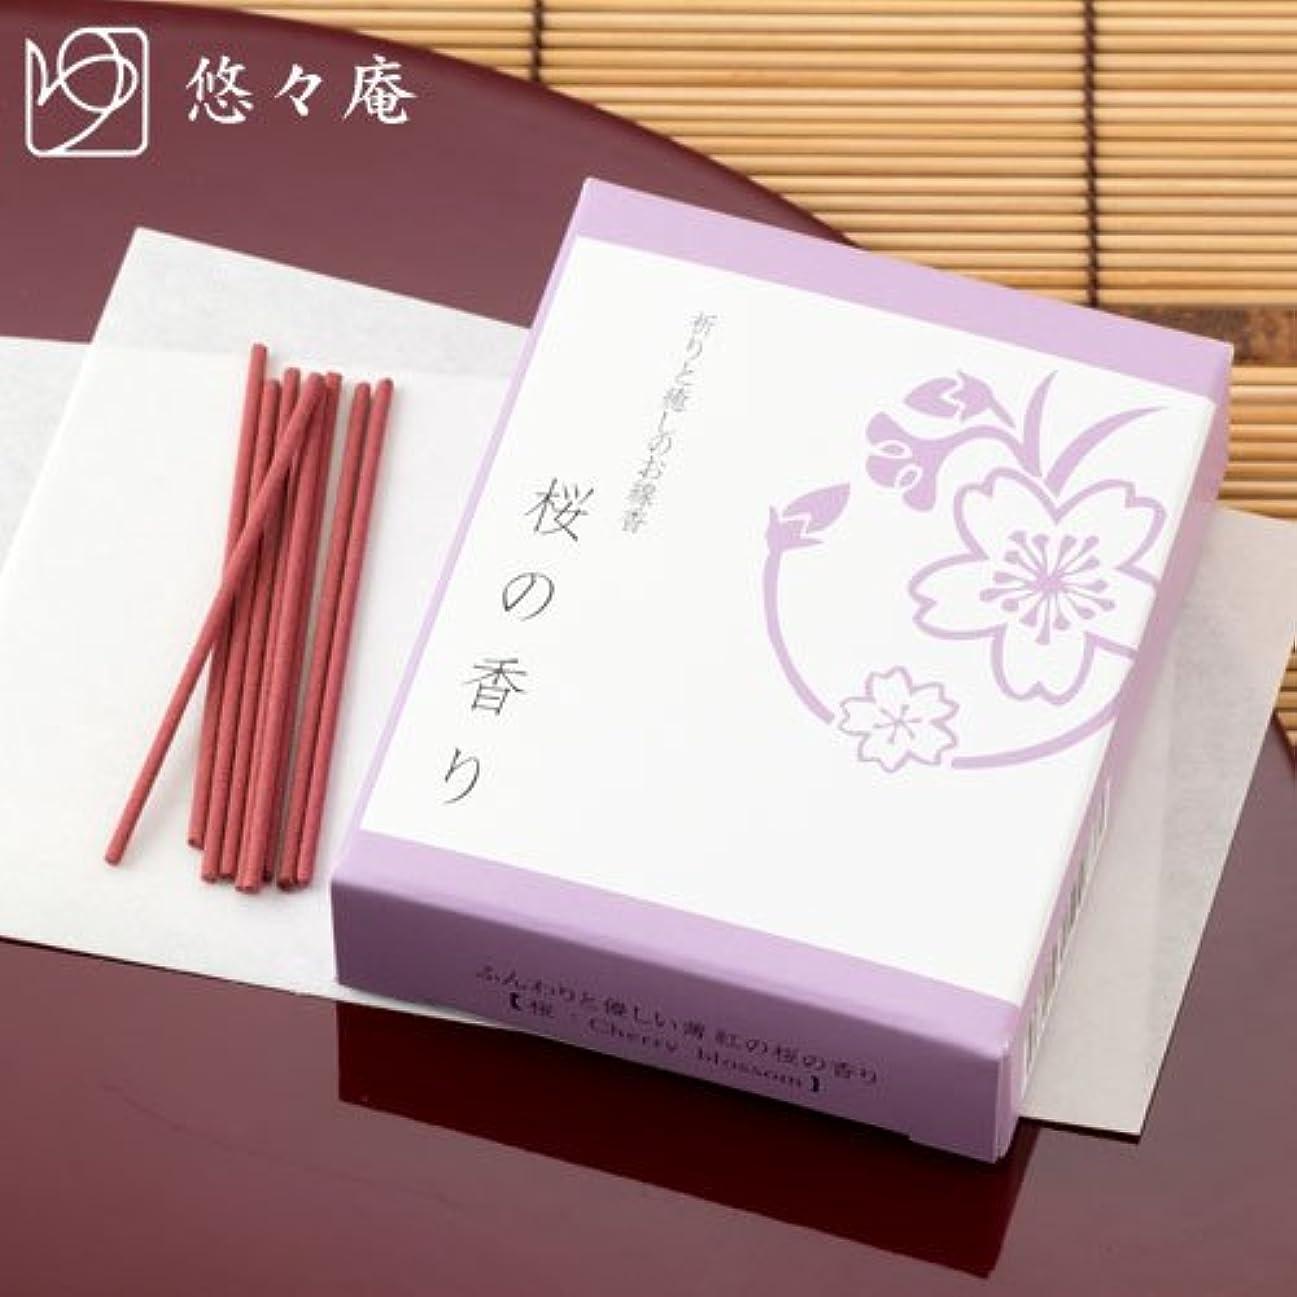 非常にいま操作可能スティックお香祈りと癒しのお線香桜ショートサイズ悠々庵Pray & Heal Incense